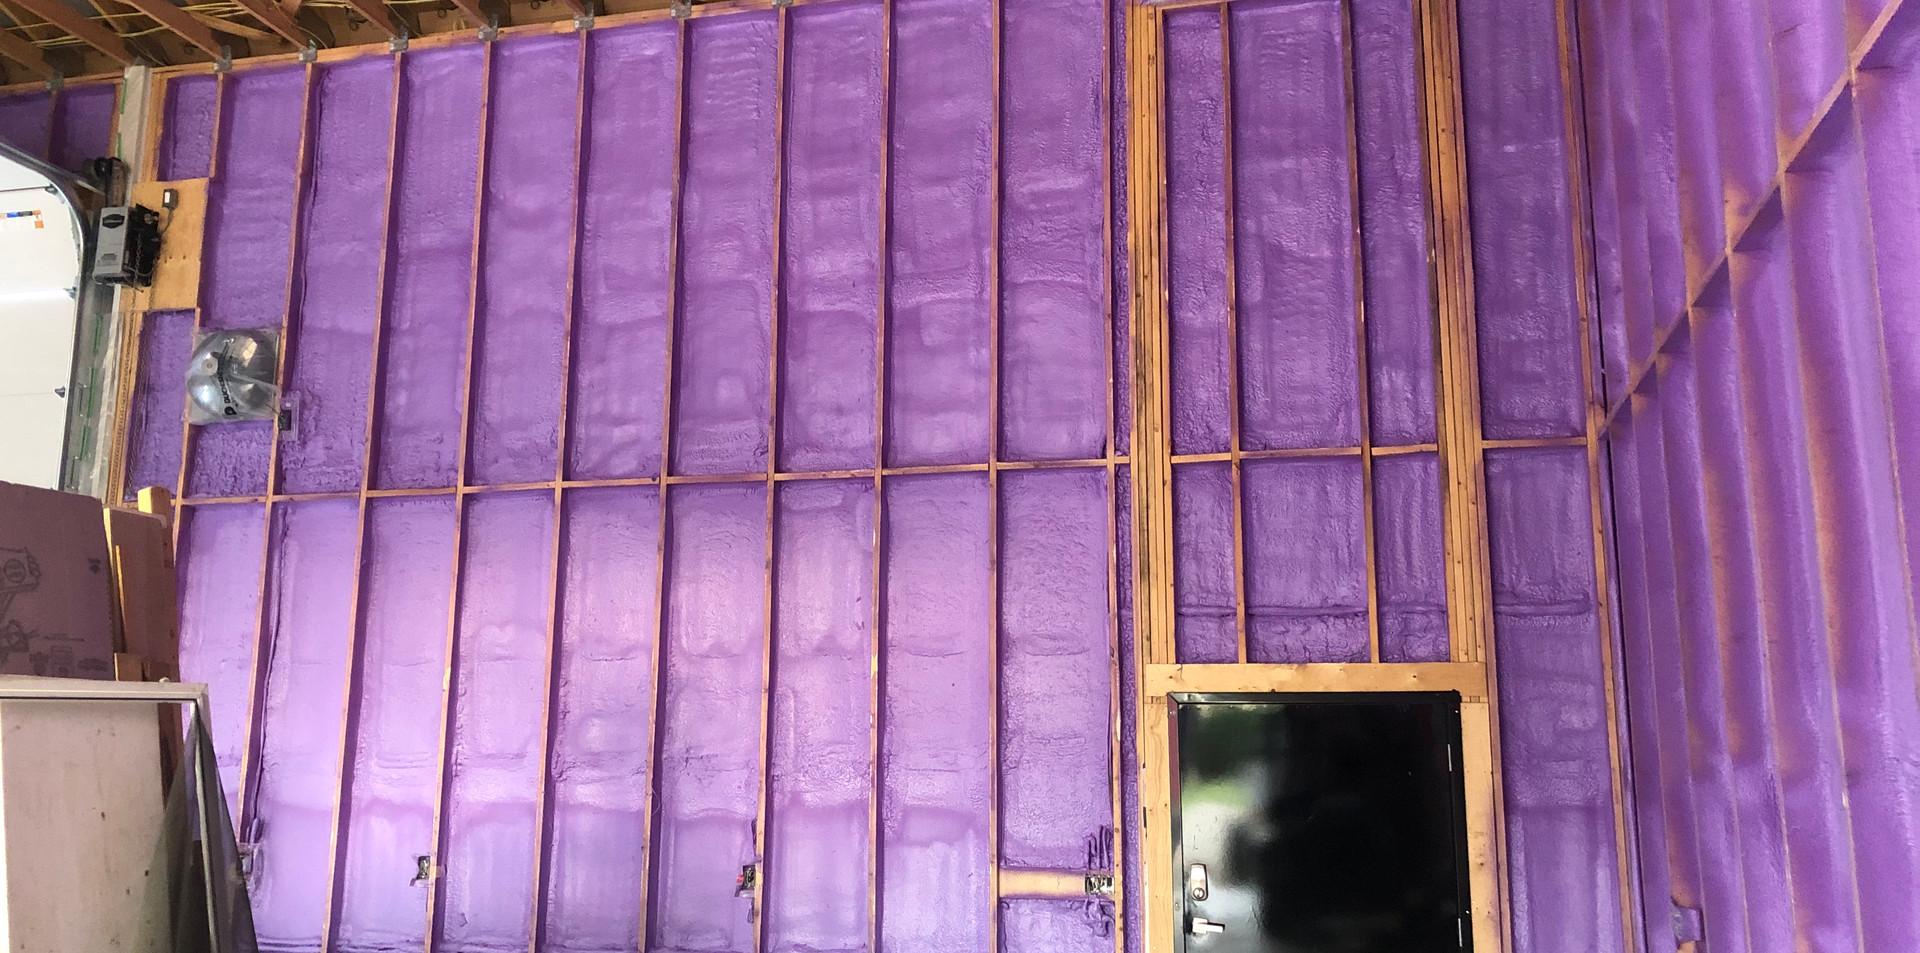 walltite closed cell foam